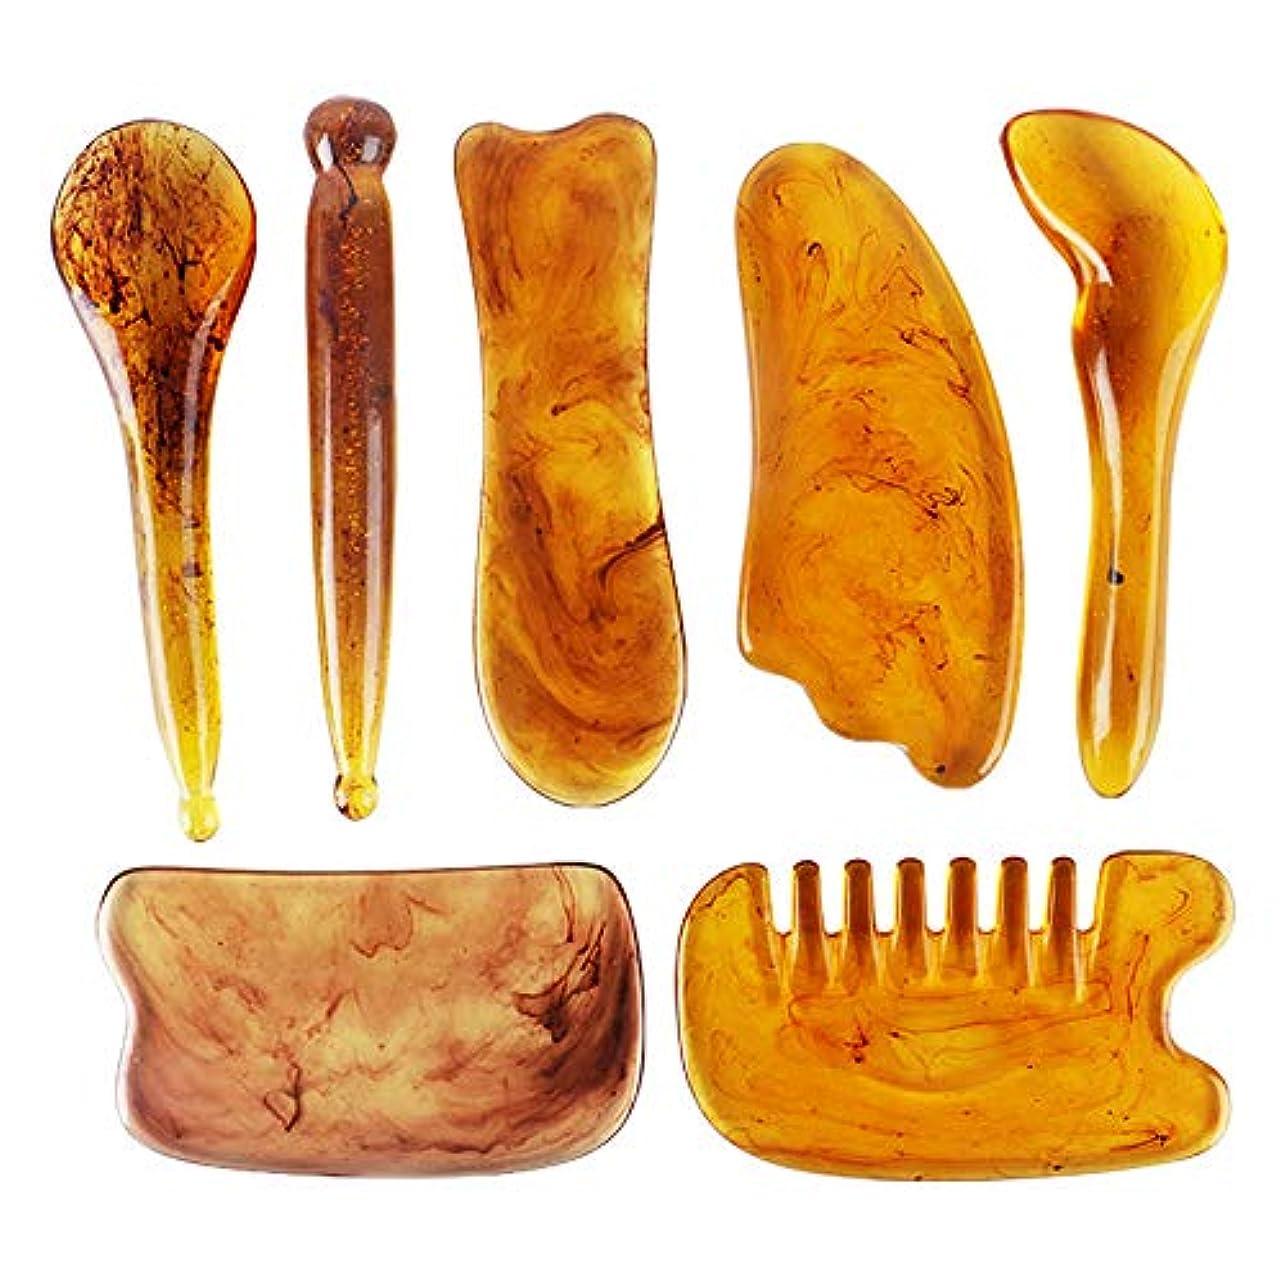 タイピスト線形拳ナチュラルジェイドグアシャスクレイピングマッサージスクレーパーグアシャボード樹脂ツボフェイシャルアイケアスパマッサージフェイスマッサージャー鍼